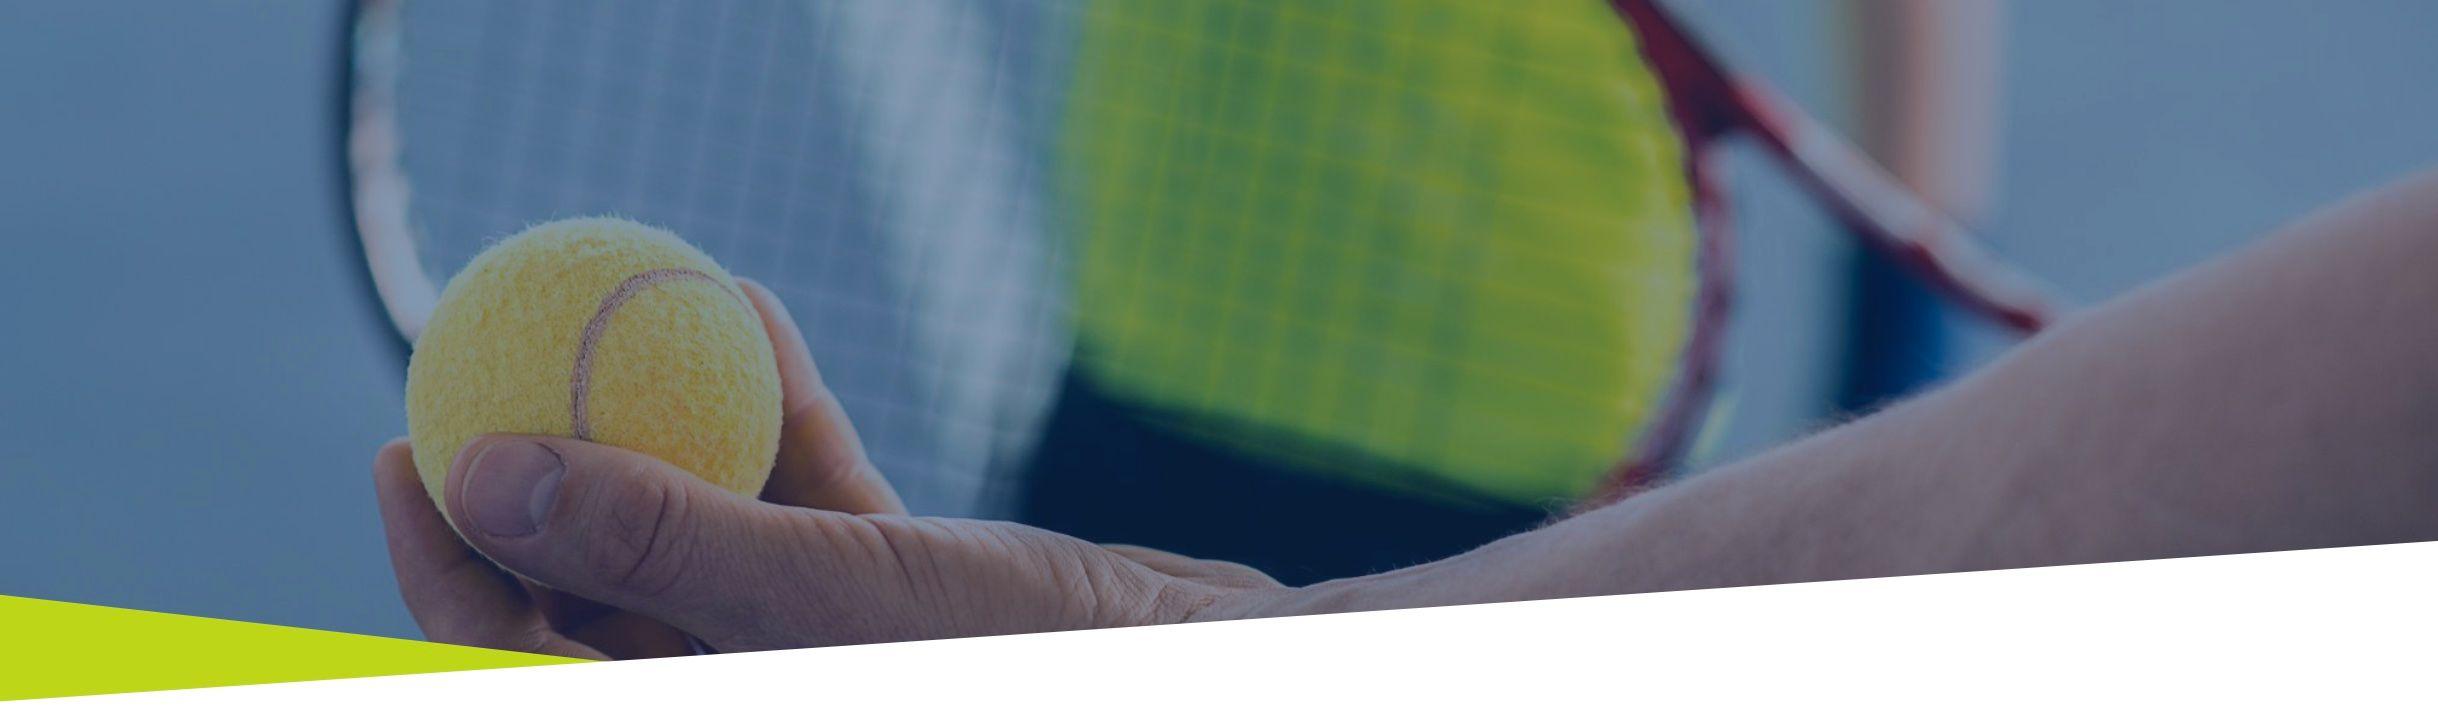 denver tennis players.jpg